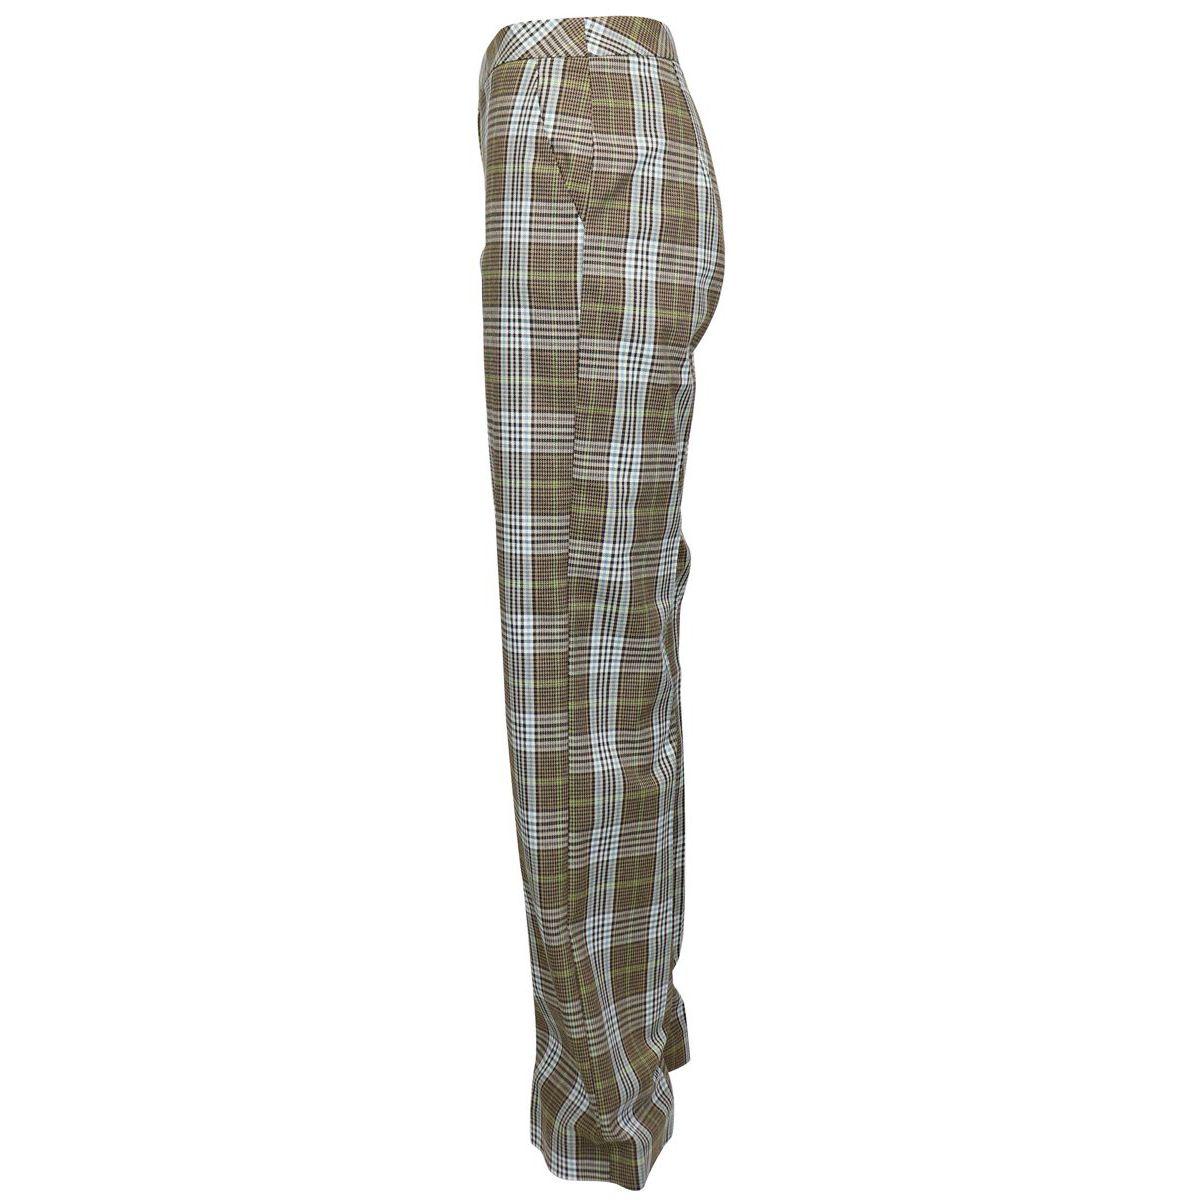 Pantalon taille haute en viscose mélangée à carreaux Chèque beige Patrizia Pepe